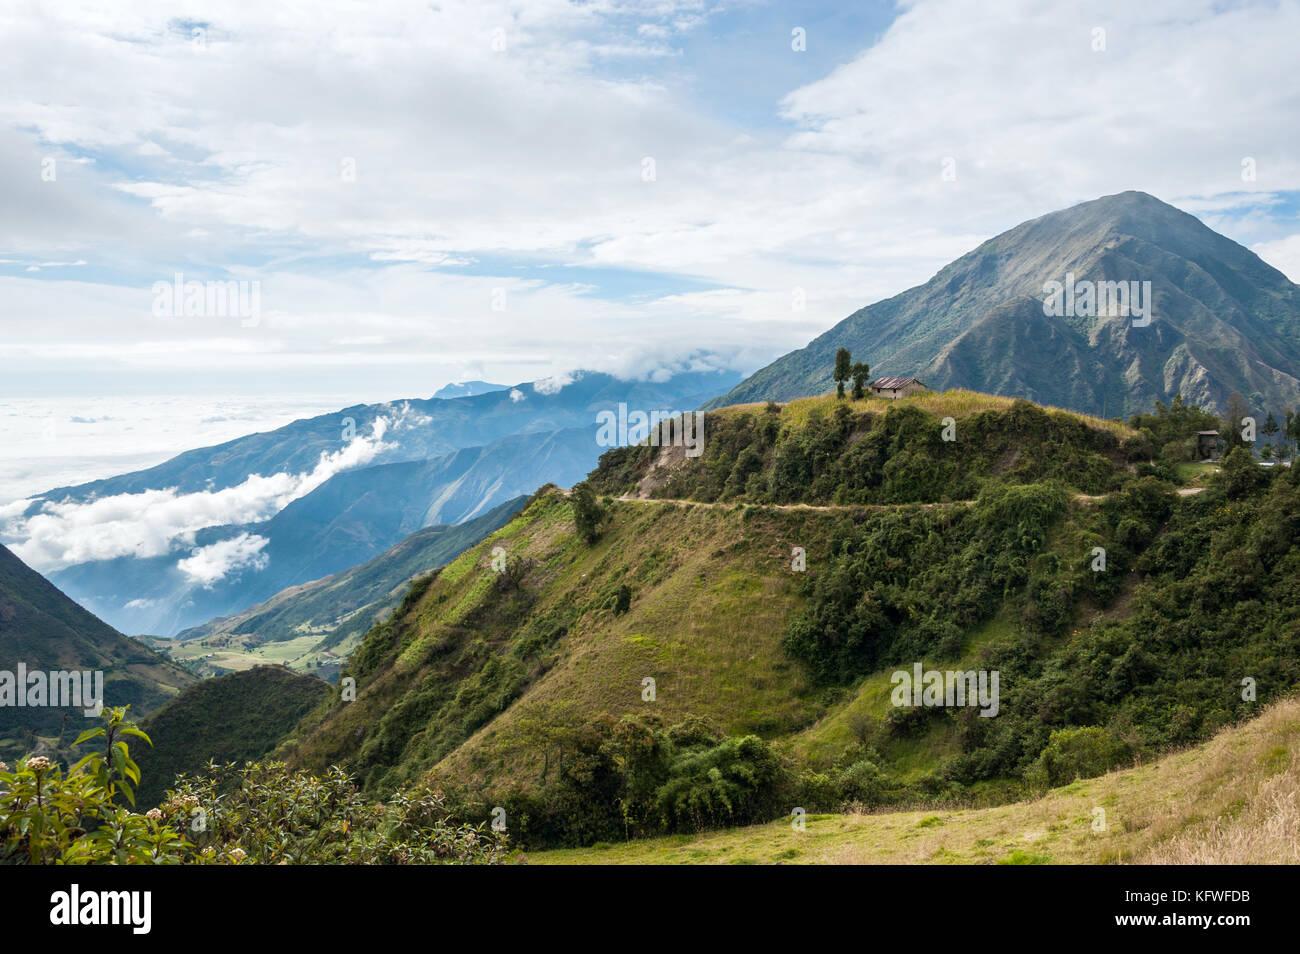 Sulla strada delle Ande. La foto viene scattata vicino alla piccola città alausi in Ecuador Immagini Stock